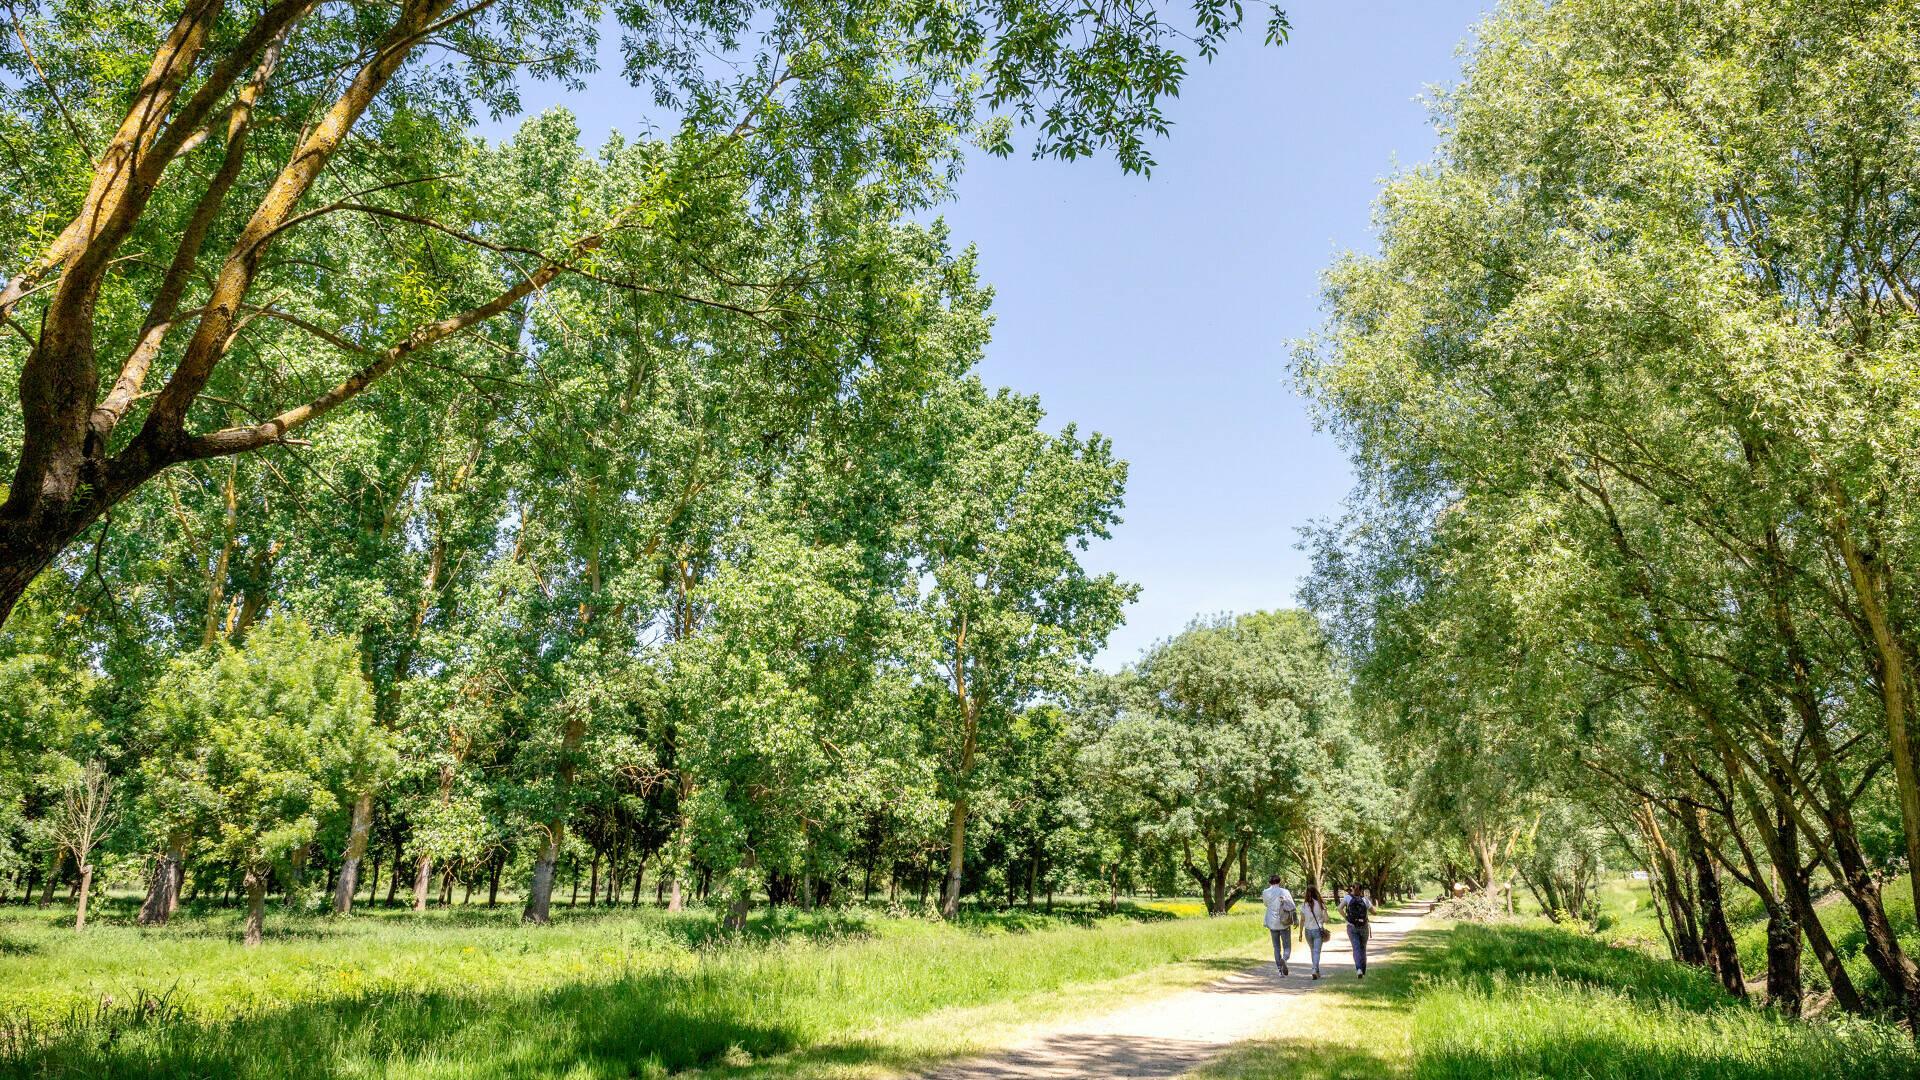 Balade dans la nature en famille au Parc Balzac